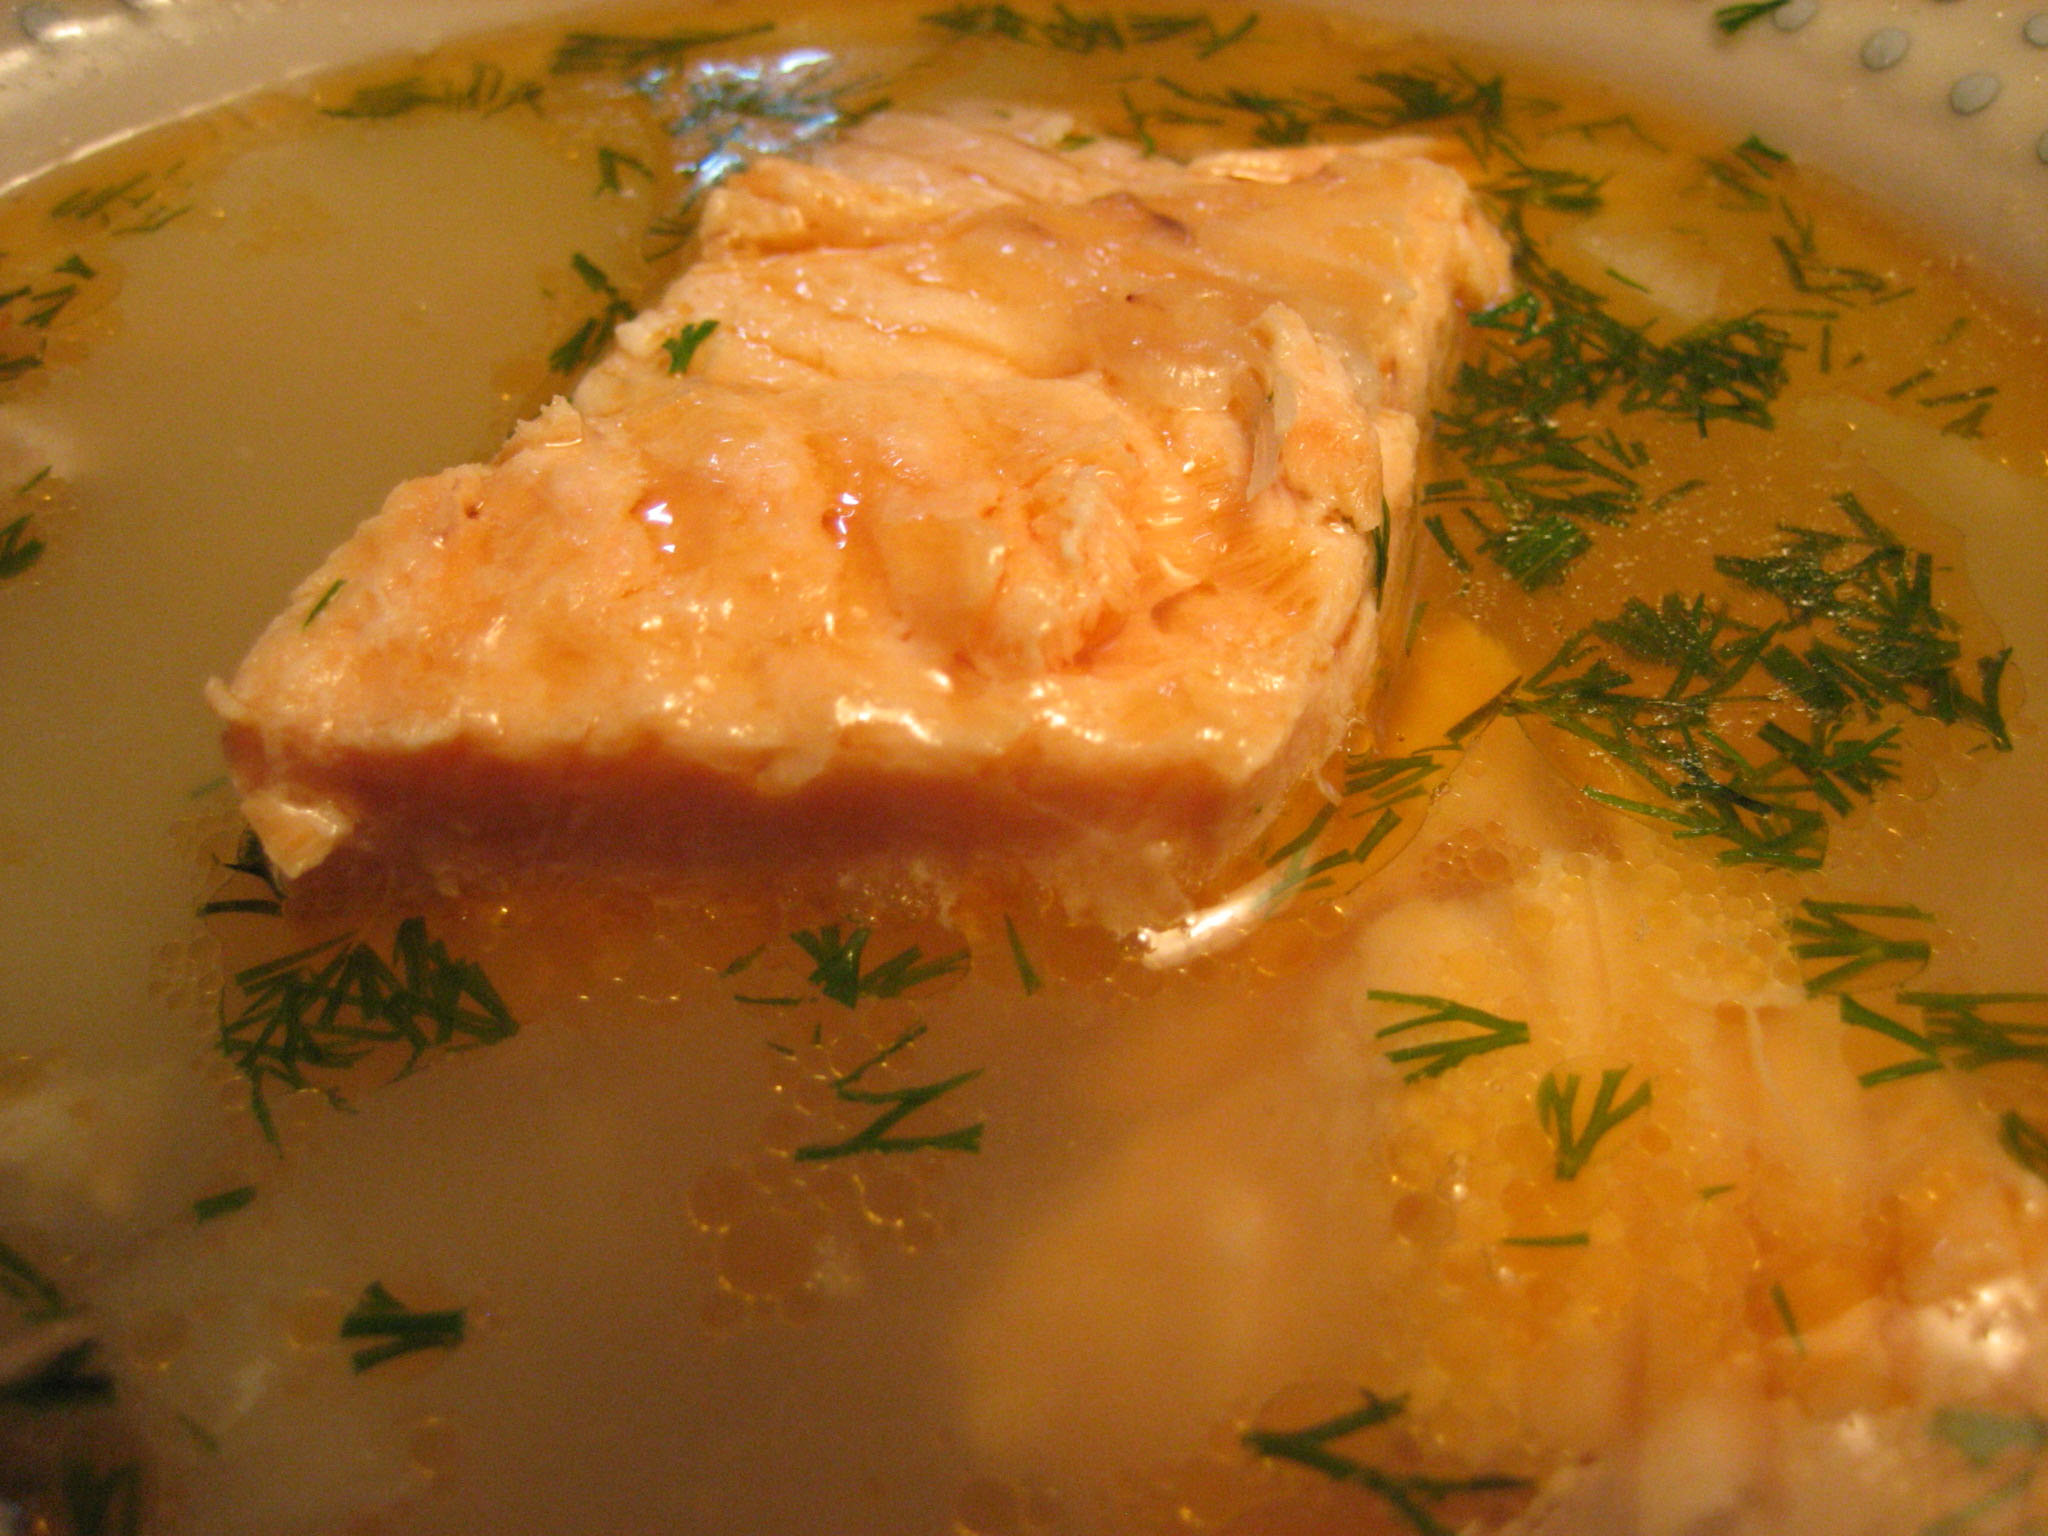 рецепт рыбного супа из свежей рыбы красной